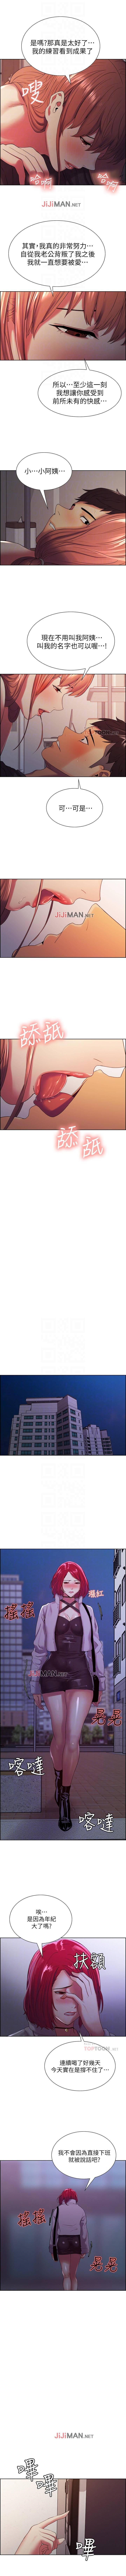 【周二连载】室友招募中(作者:Serious) 第1~15话 75